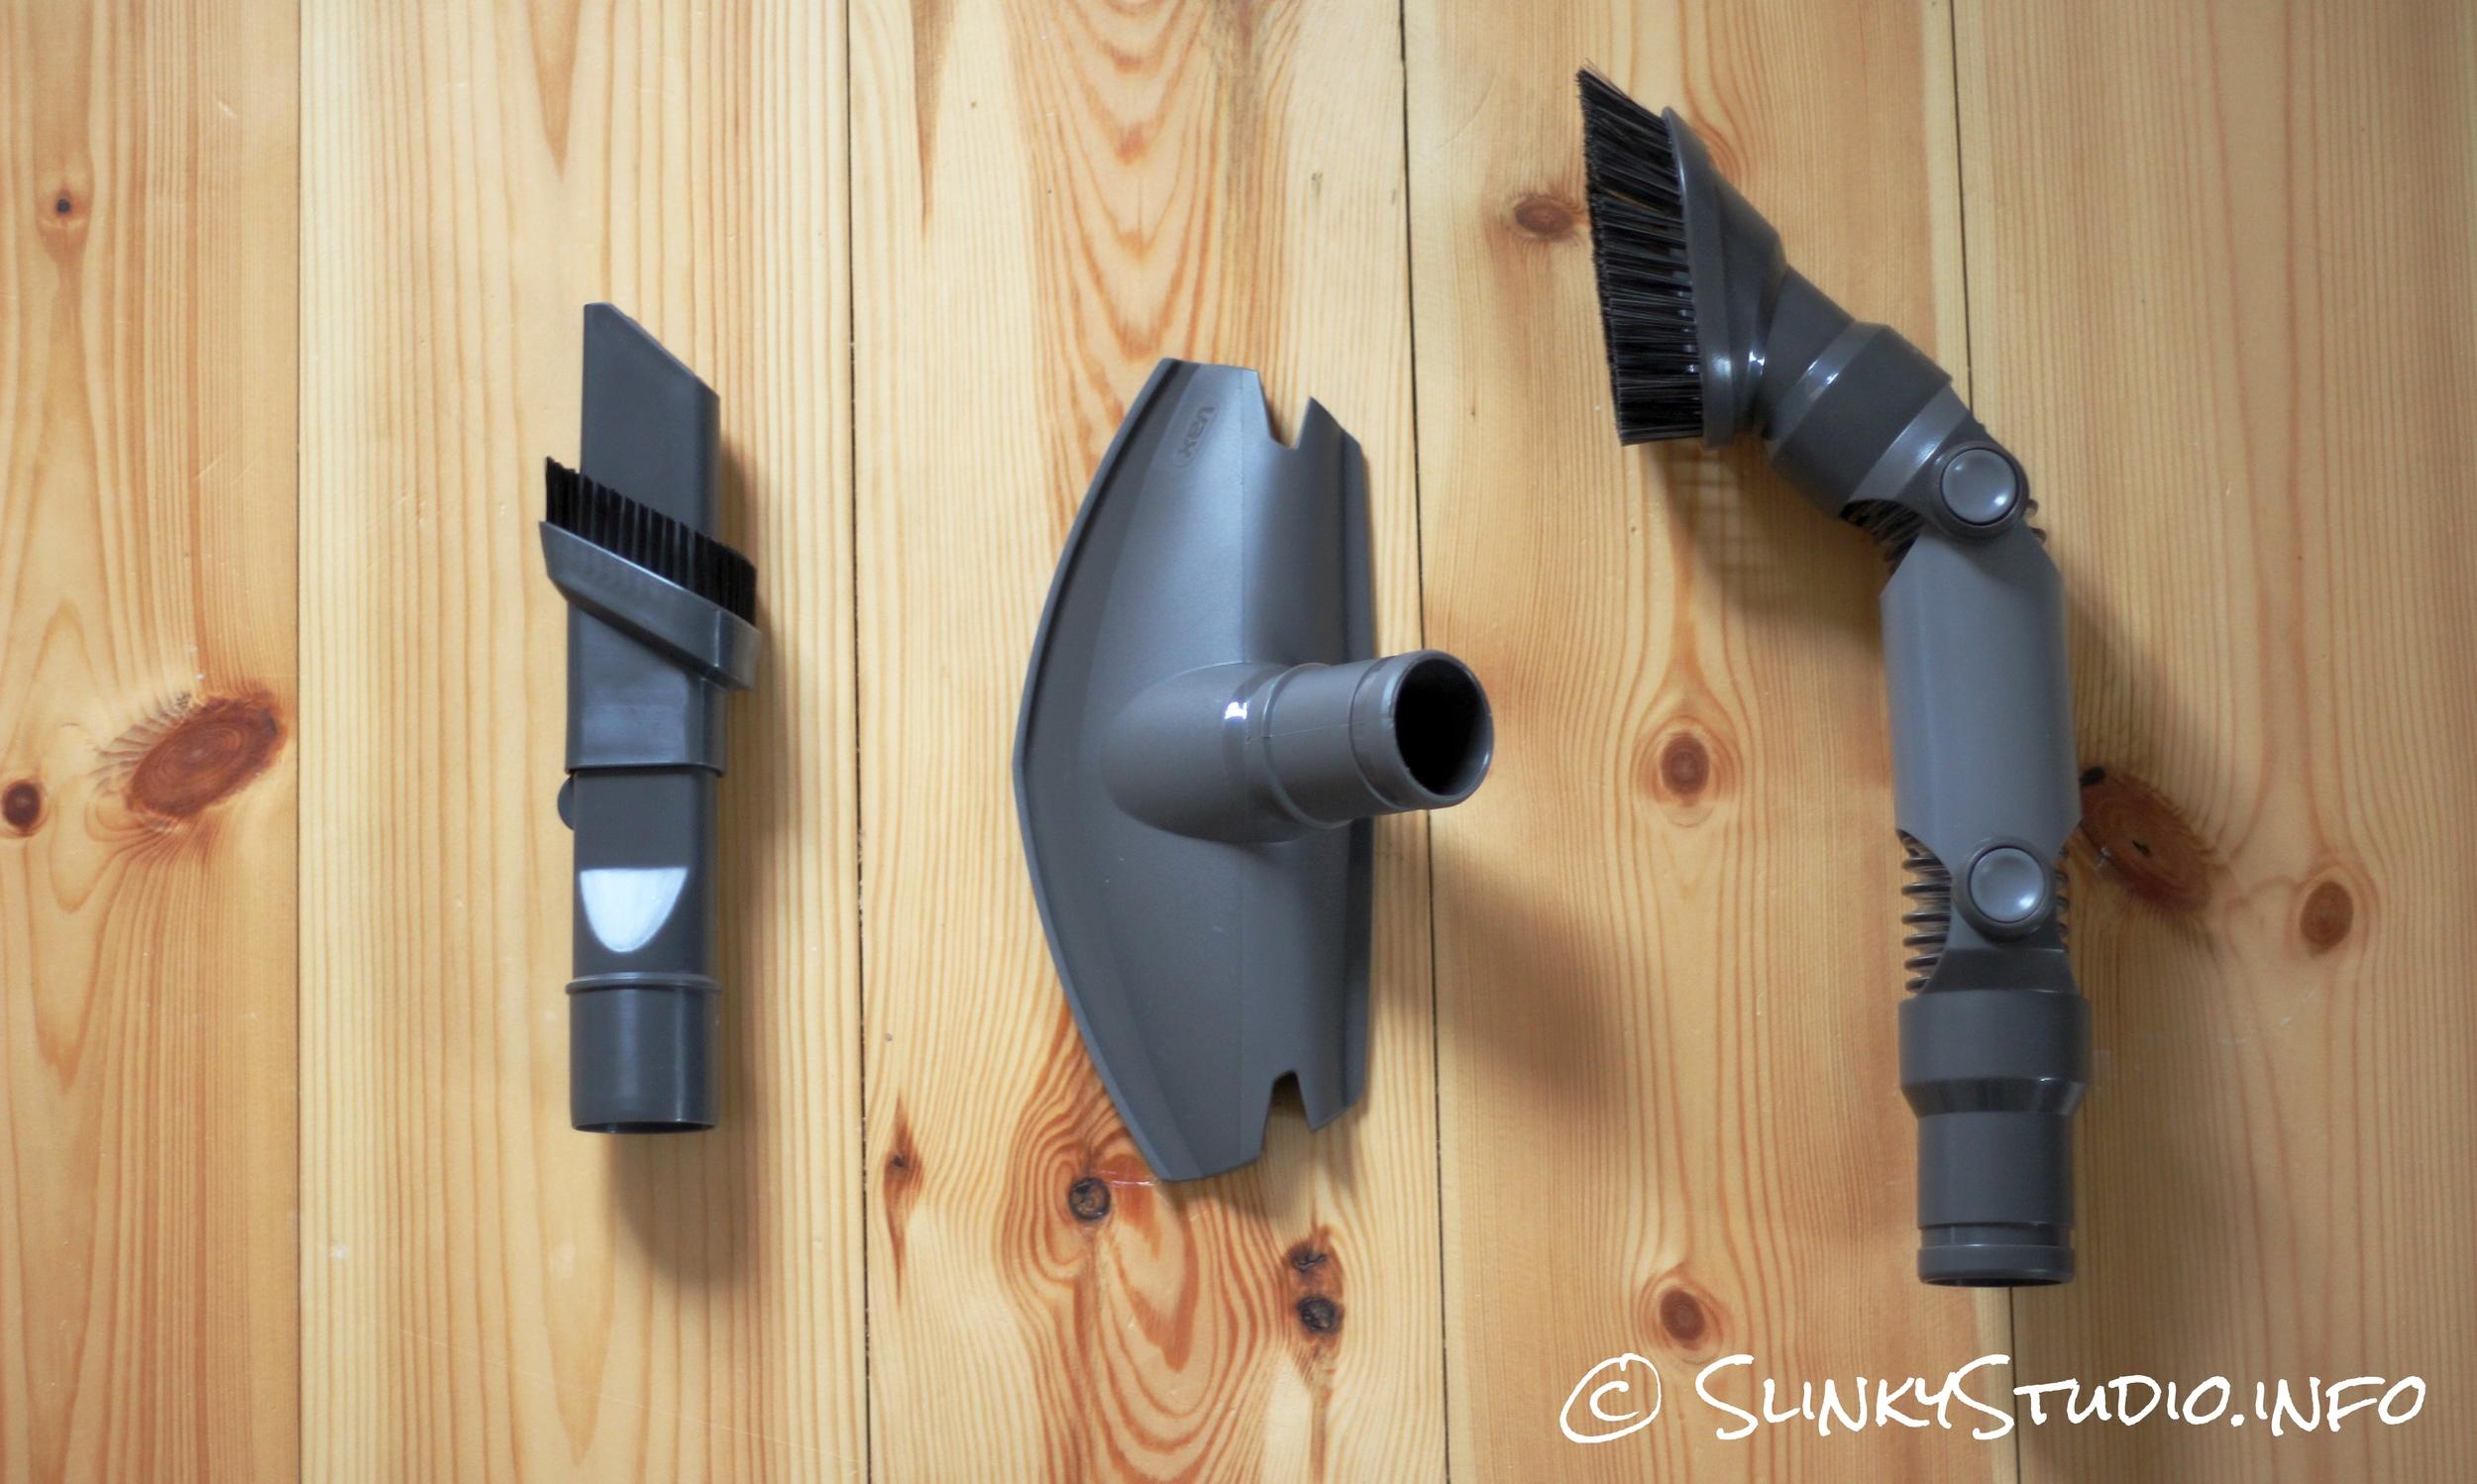 Vax Air Cordless Lift Accessories.jpg